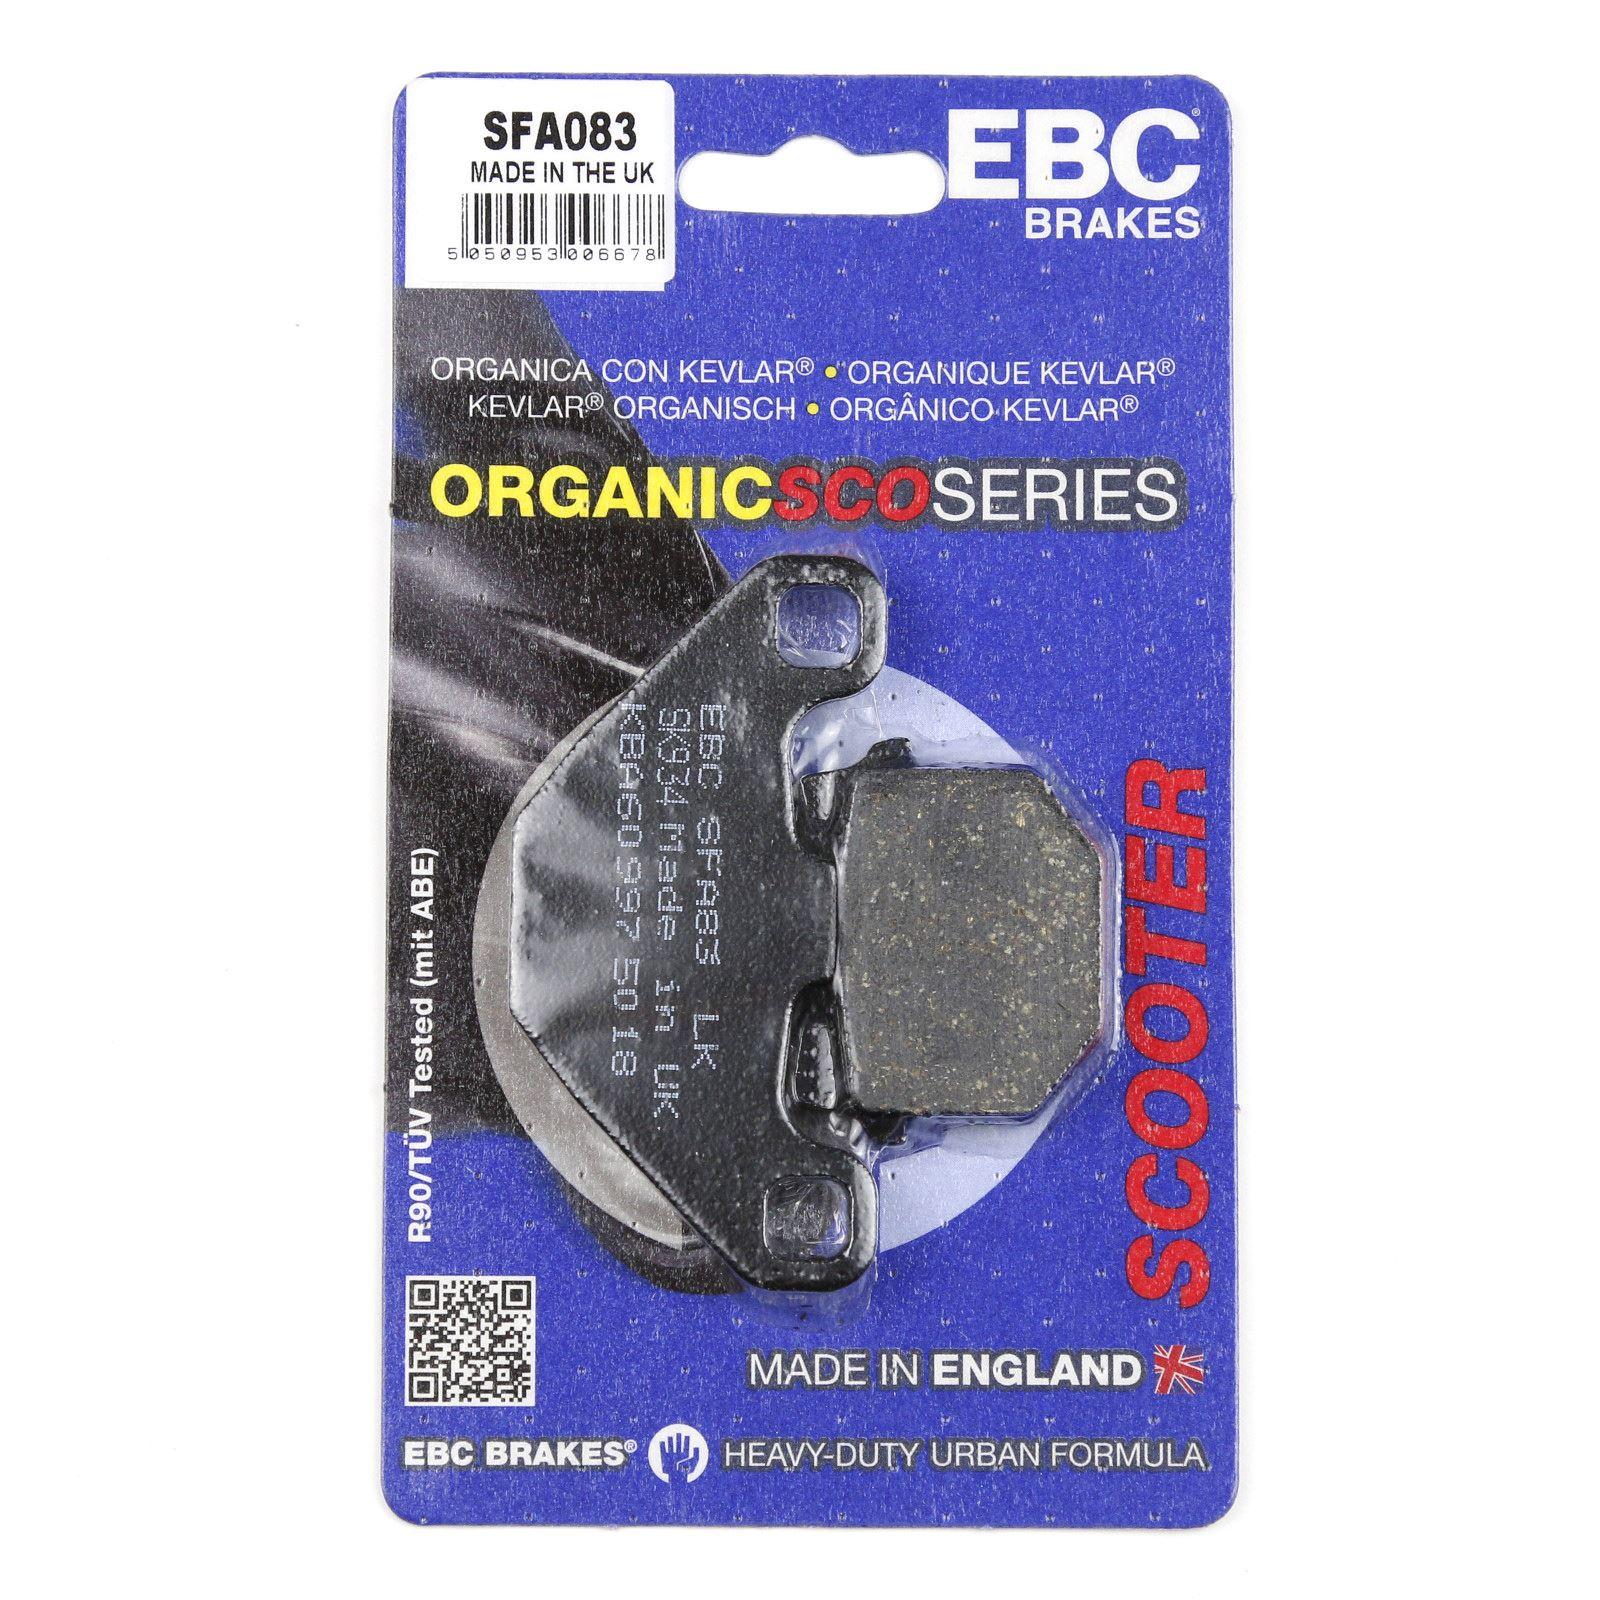 TGB R50 X Bullet 10-14 EBC Scooter Organic Rear Brake Pads SFA083